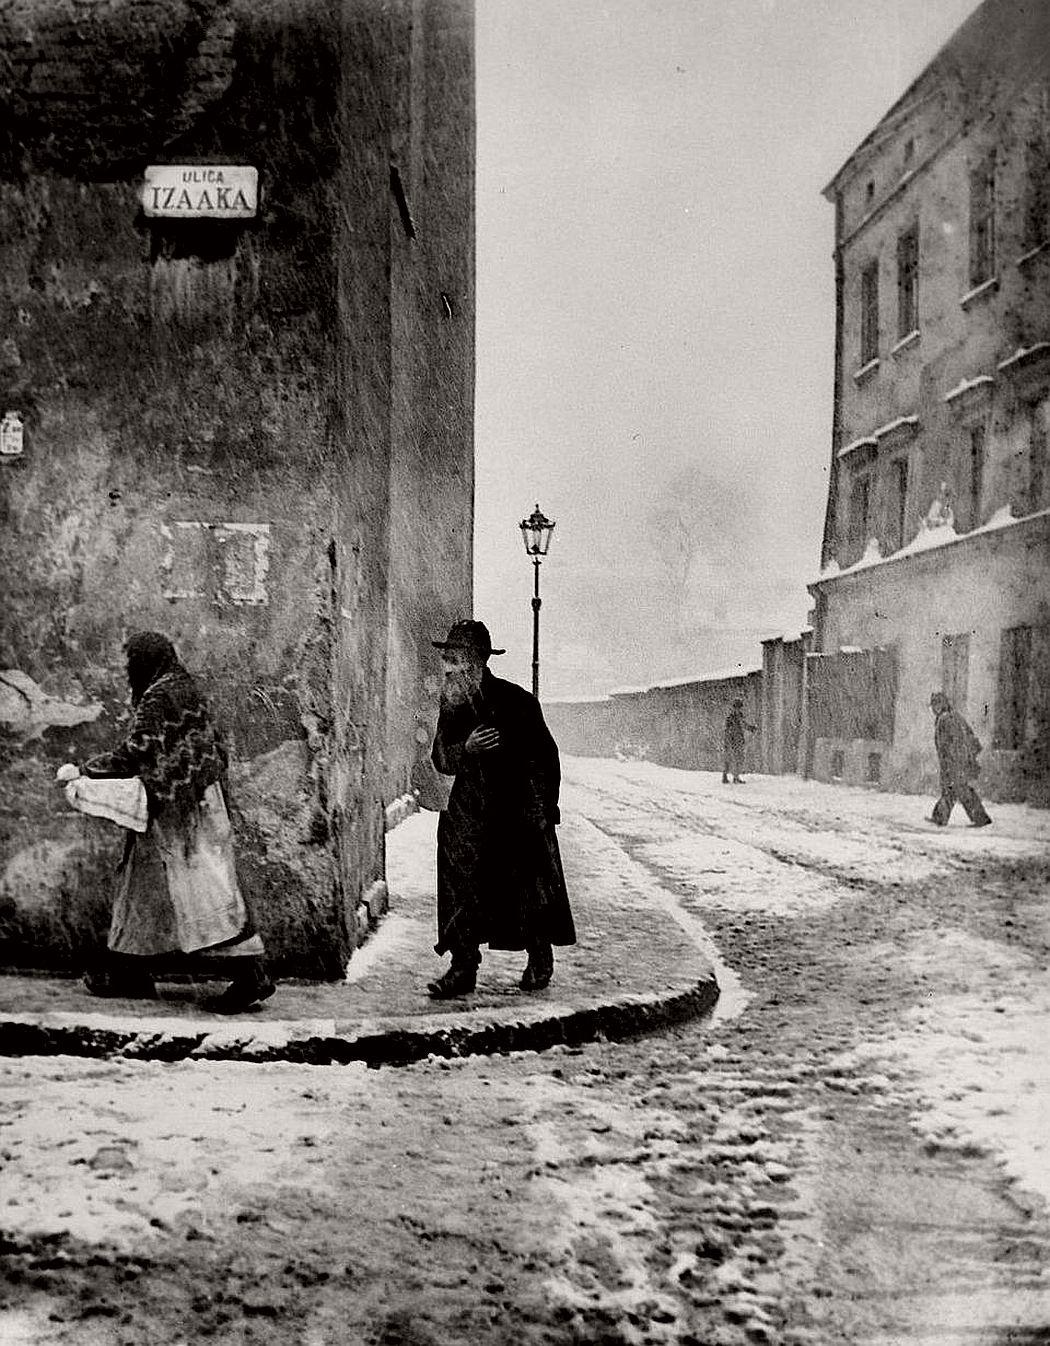 Улица Исаака. 1938